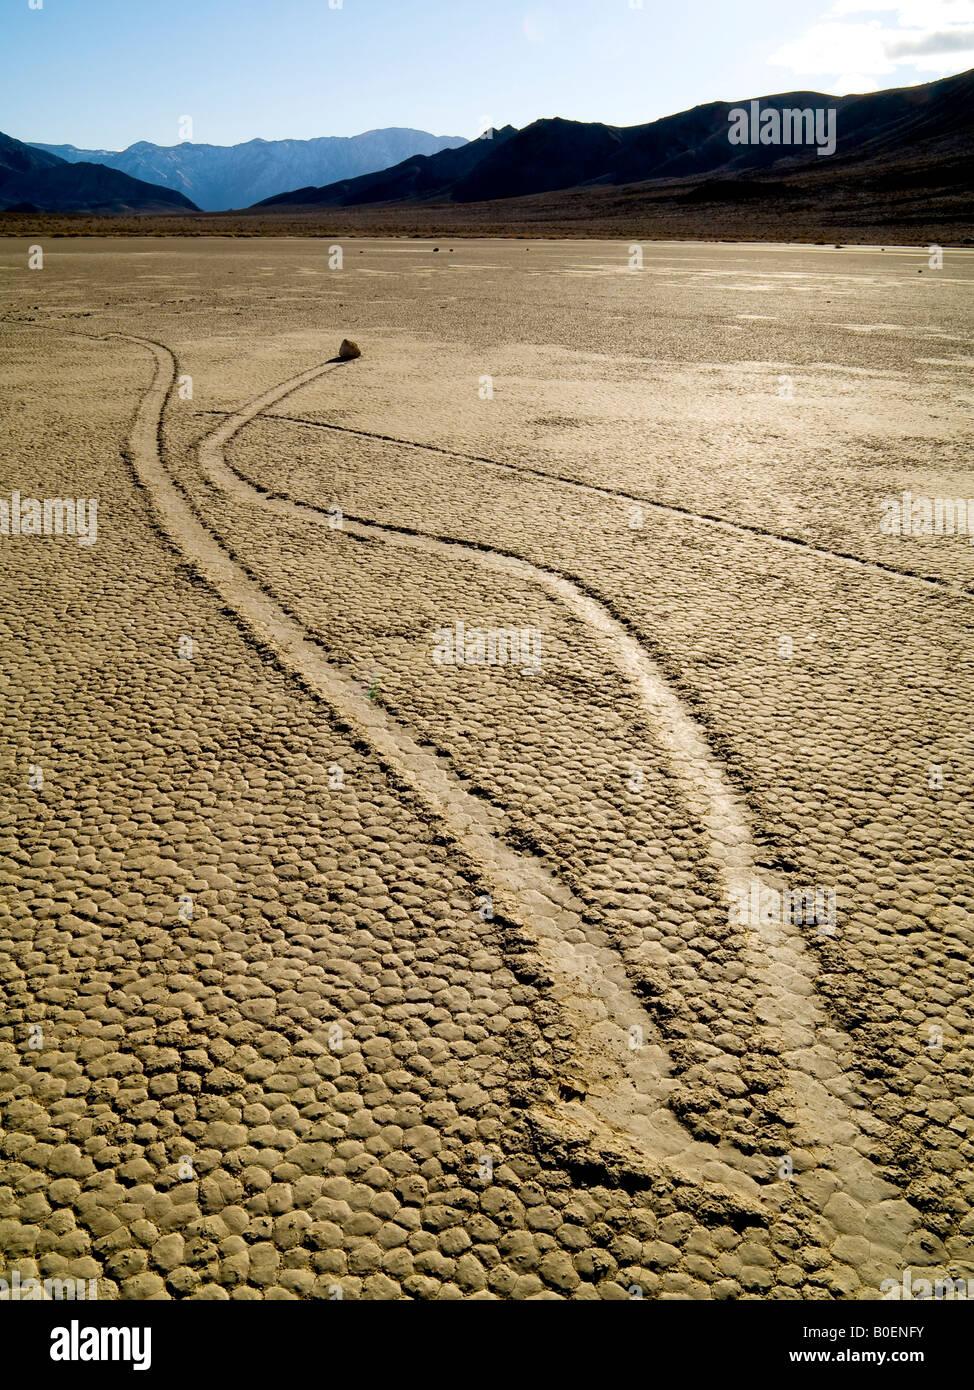 Rolling Rock der Rennstrecke Death Valley Nationalpark Kalifornien Nevada USA Stockbild